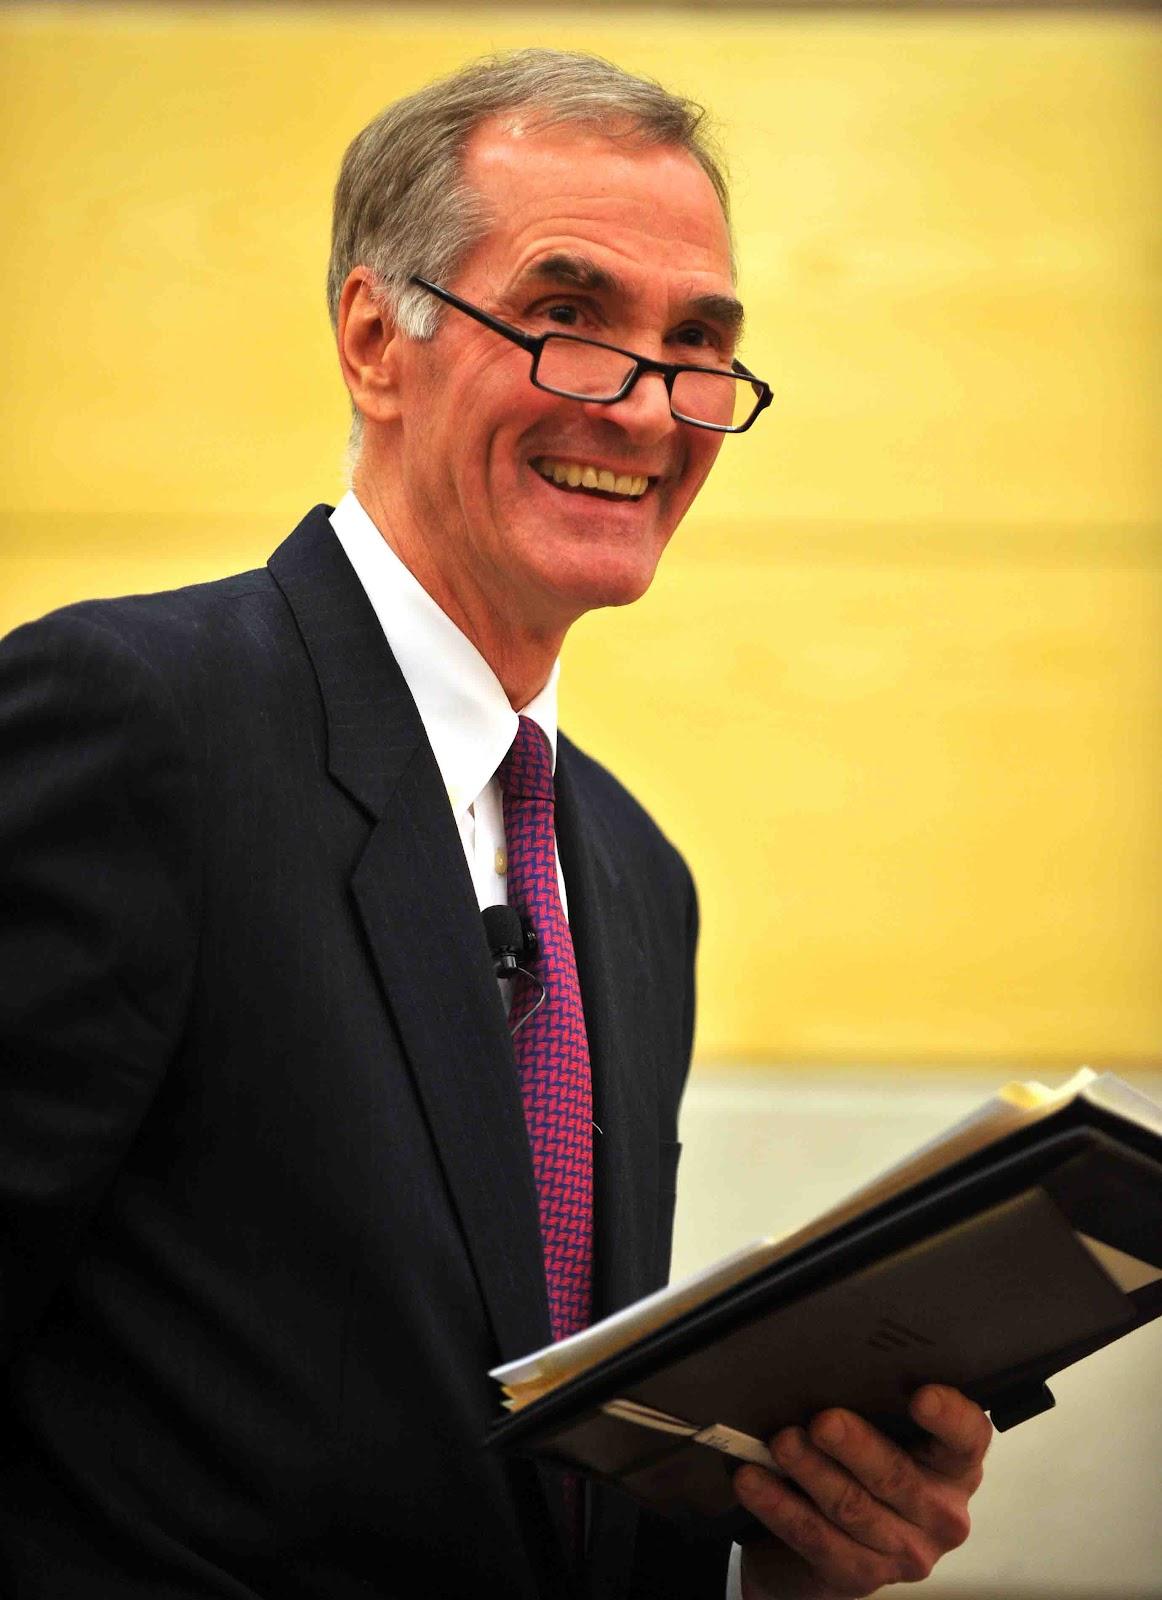 david-swensen-dec-12-2012.jpg